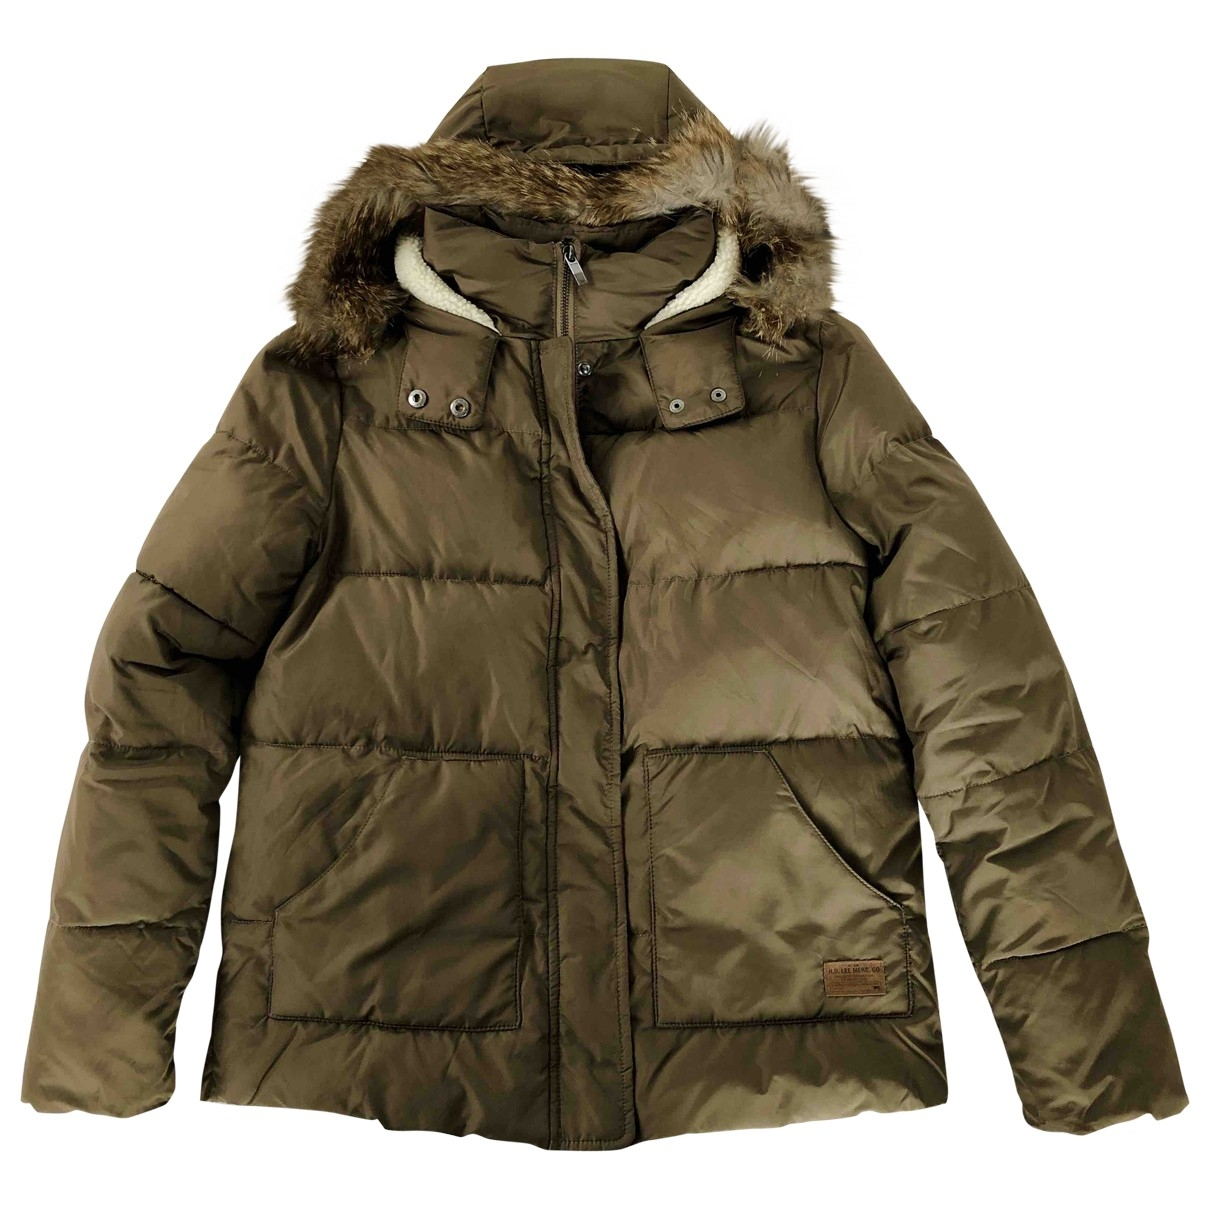 Lee \N Khaki coat for Women S International